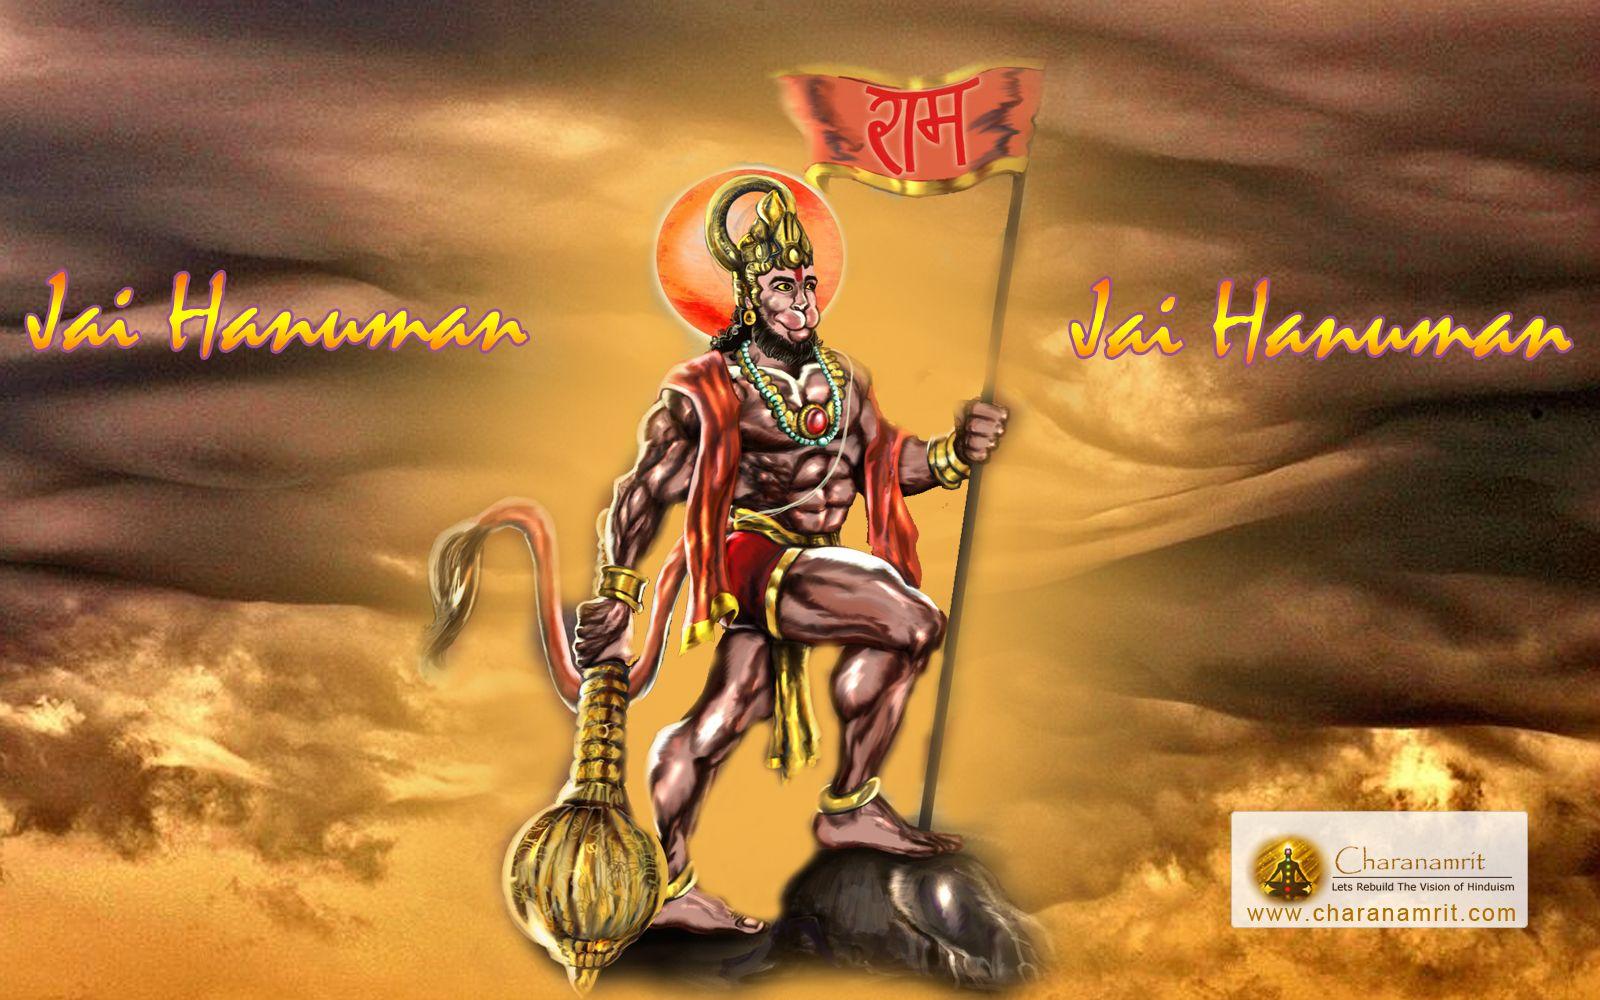 3d Hanuman Wallpaper Hd Hanuman Hd Wallpaper Hanuman Wallpaper Cartoon Wallpaper Hd